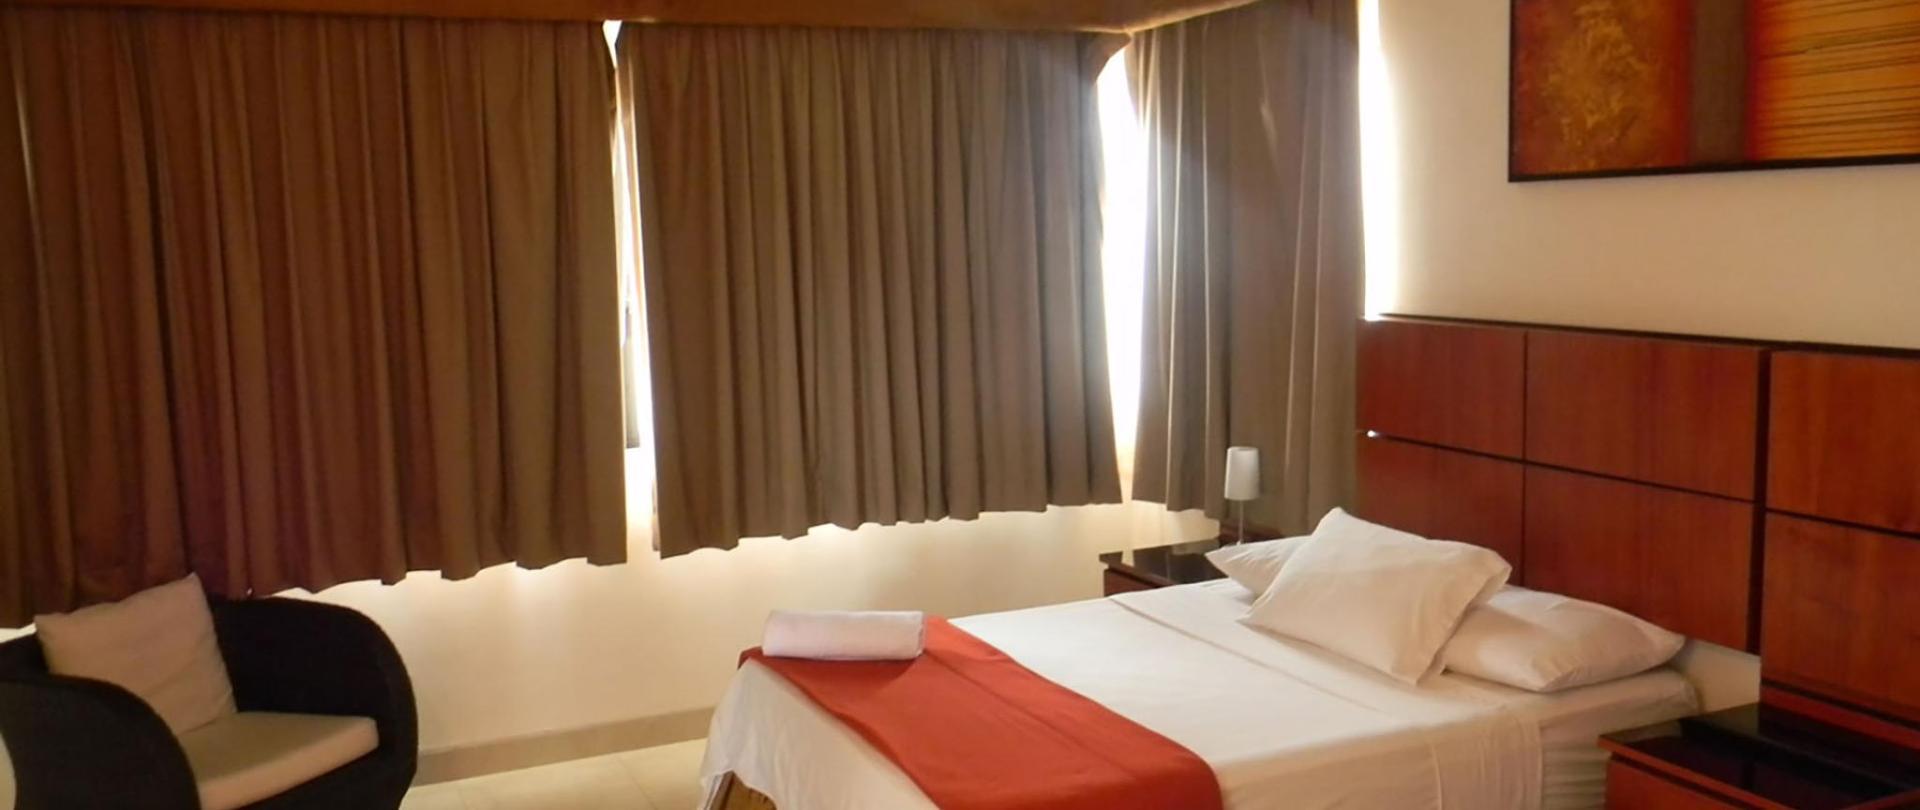 apart-suites-13.jpg